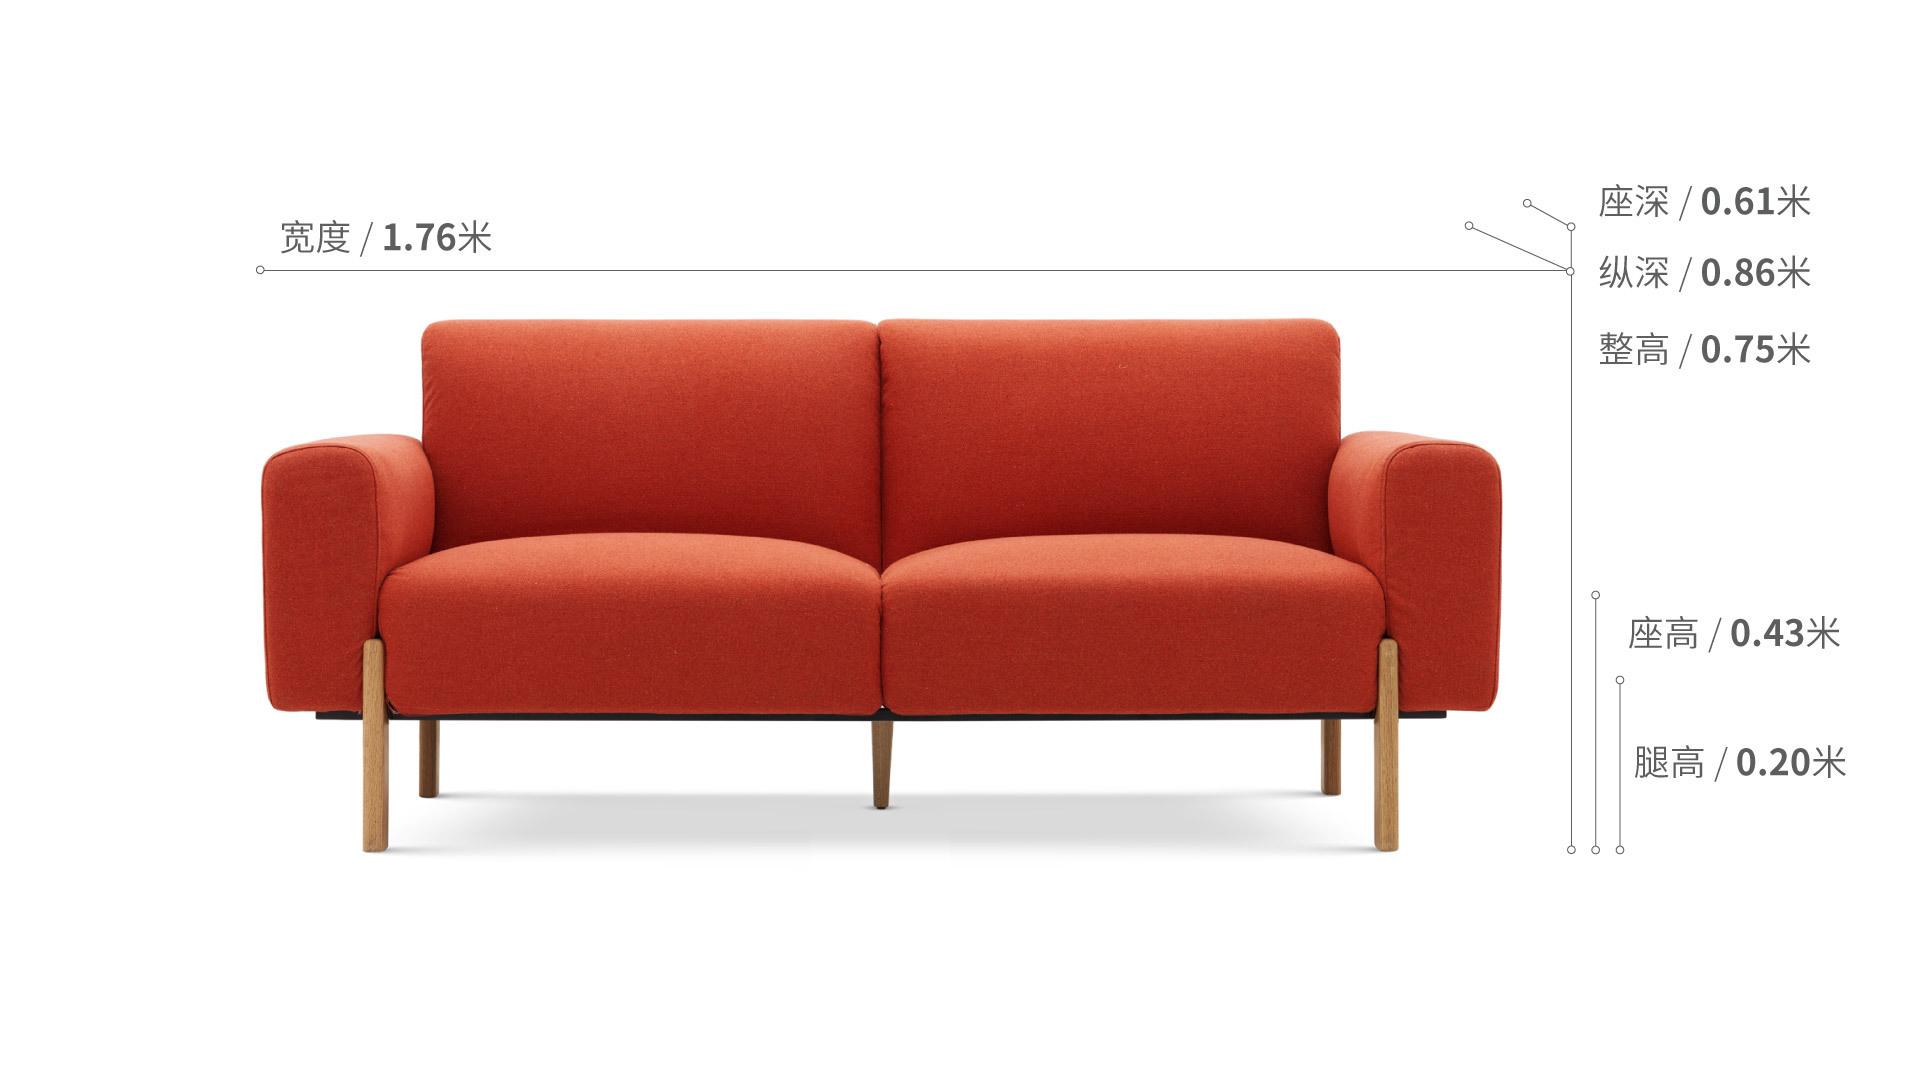 飞鸟沙发双人座沙发效果图